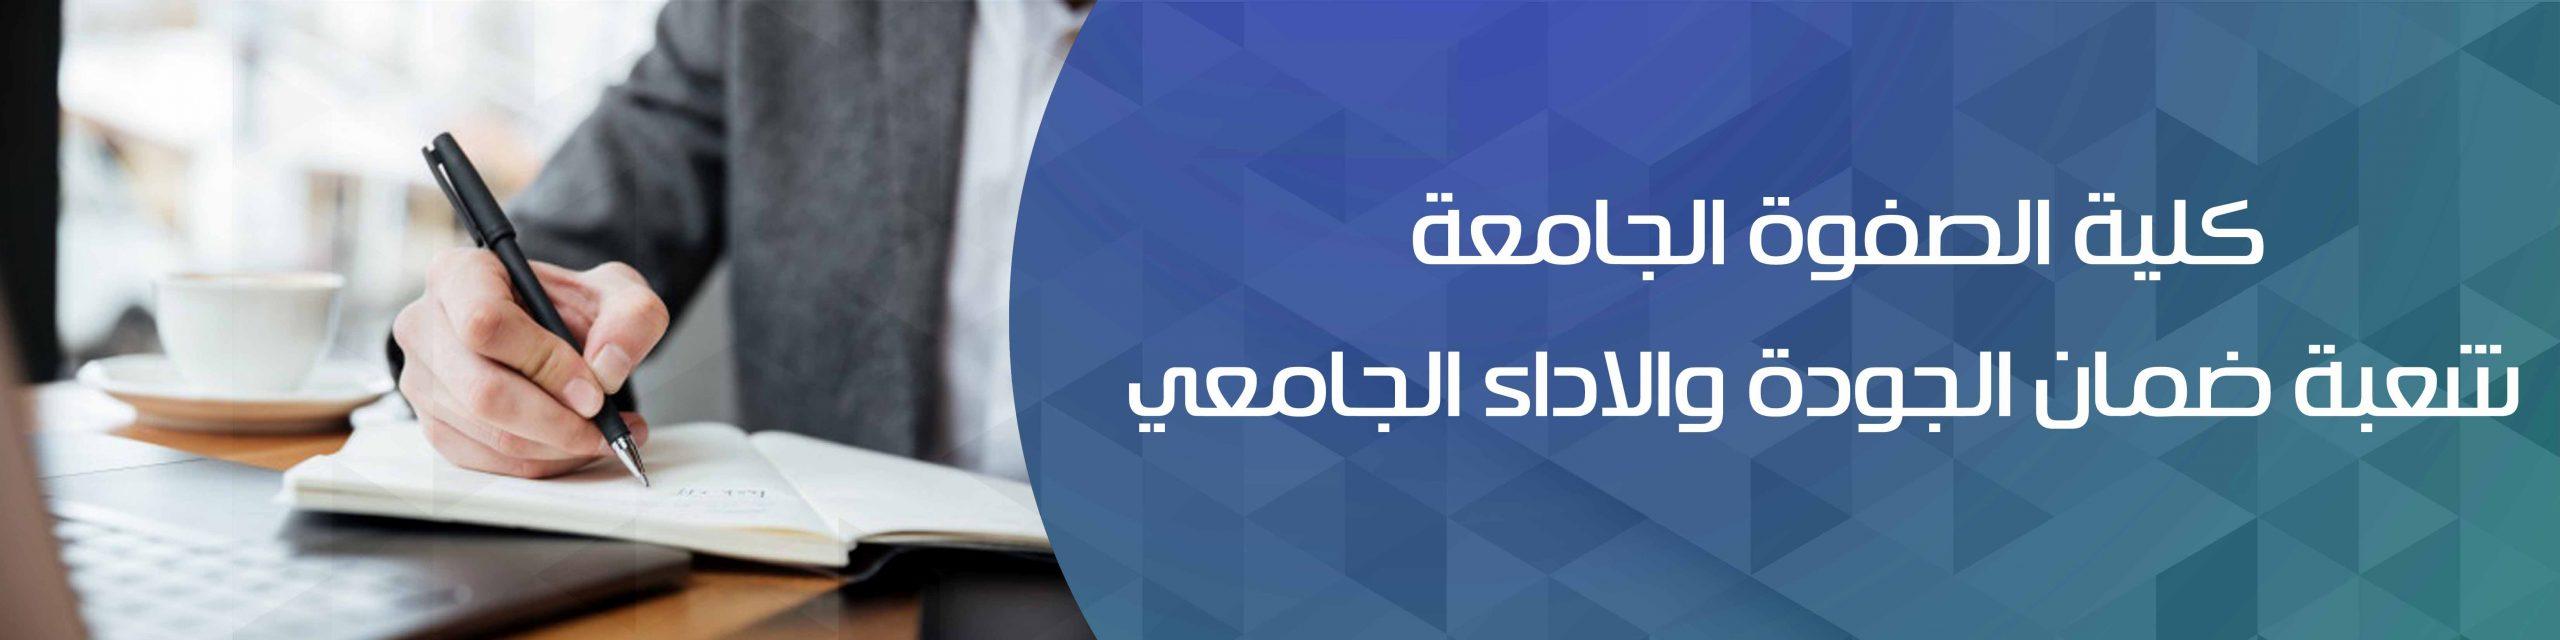 شعبة ضمان الجودة والاداء الجامعي -كلية الصفوة الجامعة